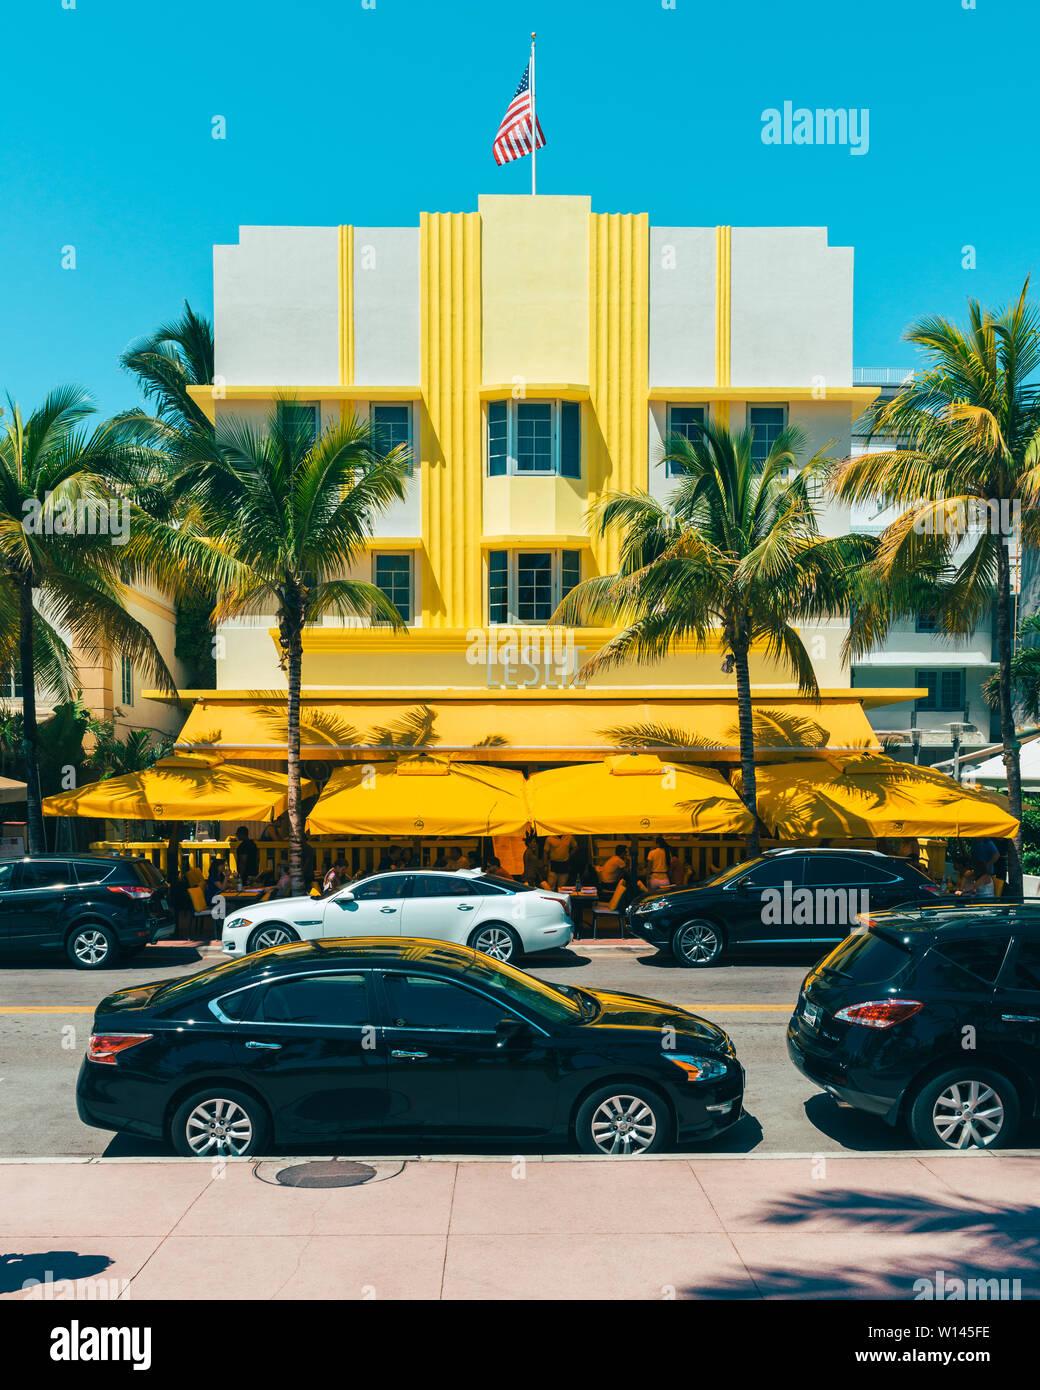 Leslie Hotel à Miami South Beach Floride USA Banque D'Images